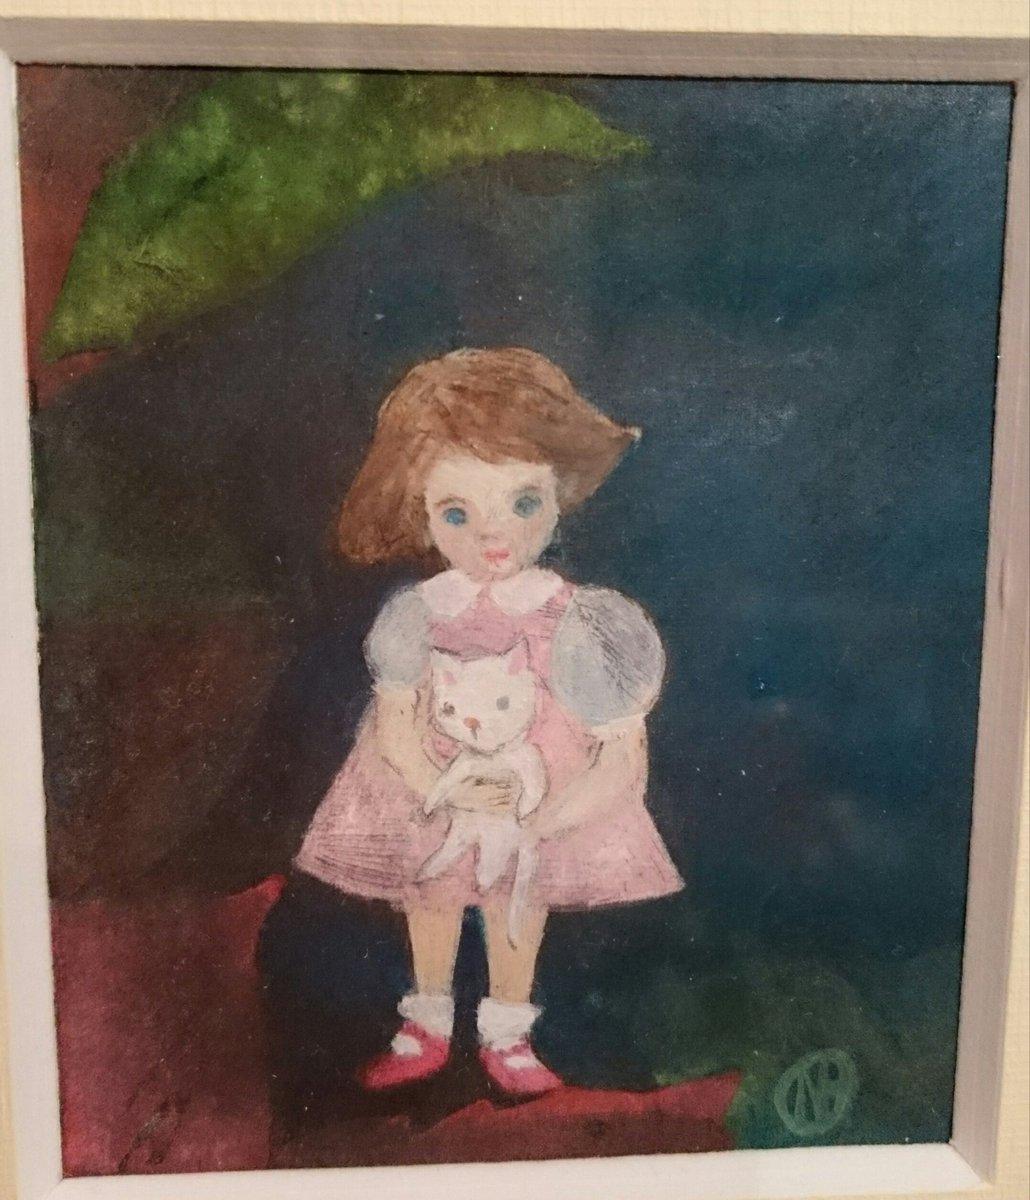 NOE Mielotar版画小品展 わたしの小さなマリアさま @NOE_87g 開催中  ちょうちん袖に 赤い靴がよく似合う女の子 抱っこしている子猫、 実はNOEさん家のぶんちゃんを 描く予定だったとか! それも見たかった♪ https://t.co/dswrxFLdz5